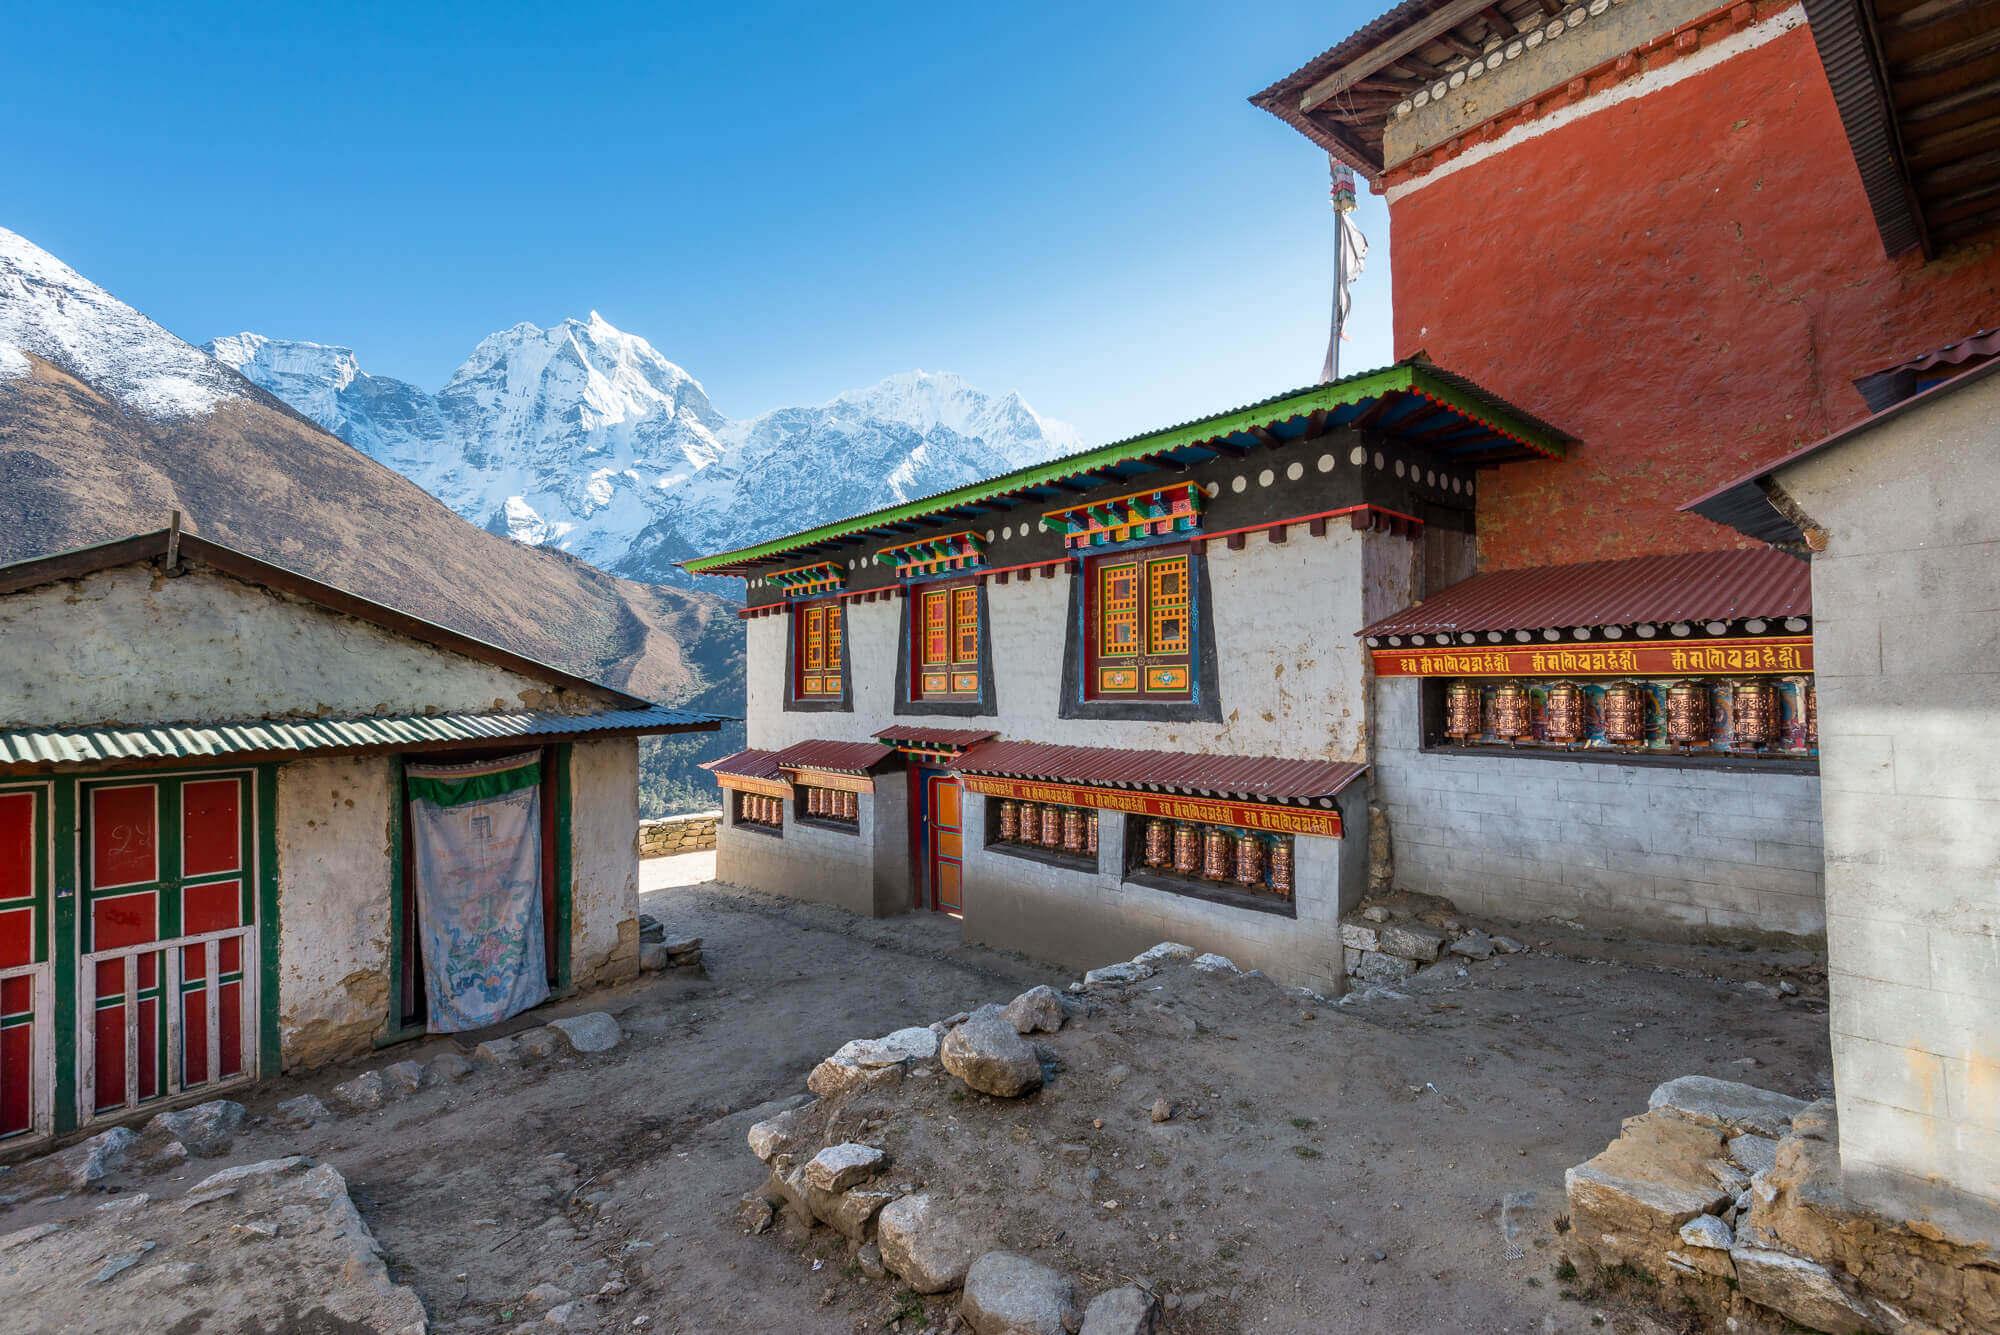 Pangboche Monastery - Amazing backdrop